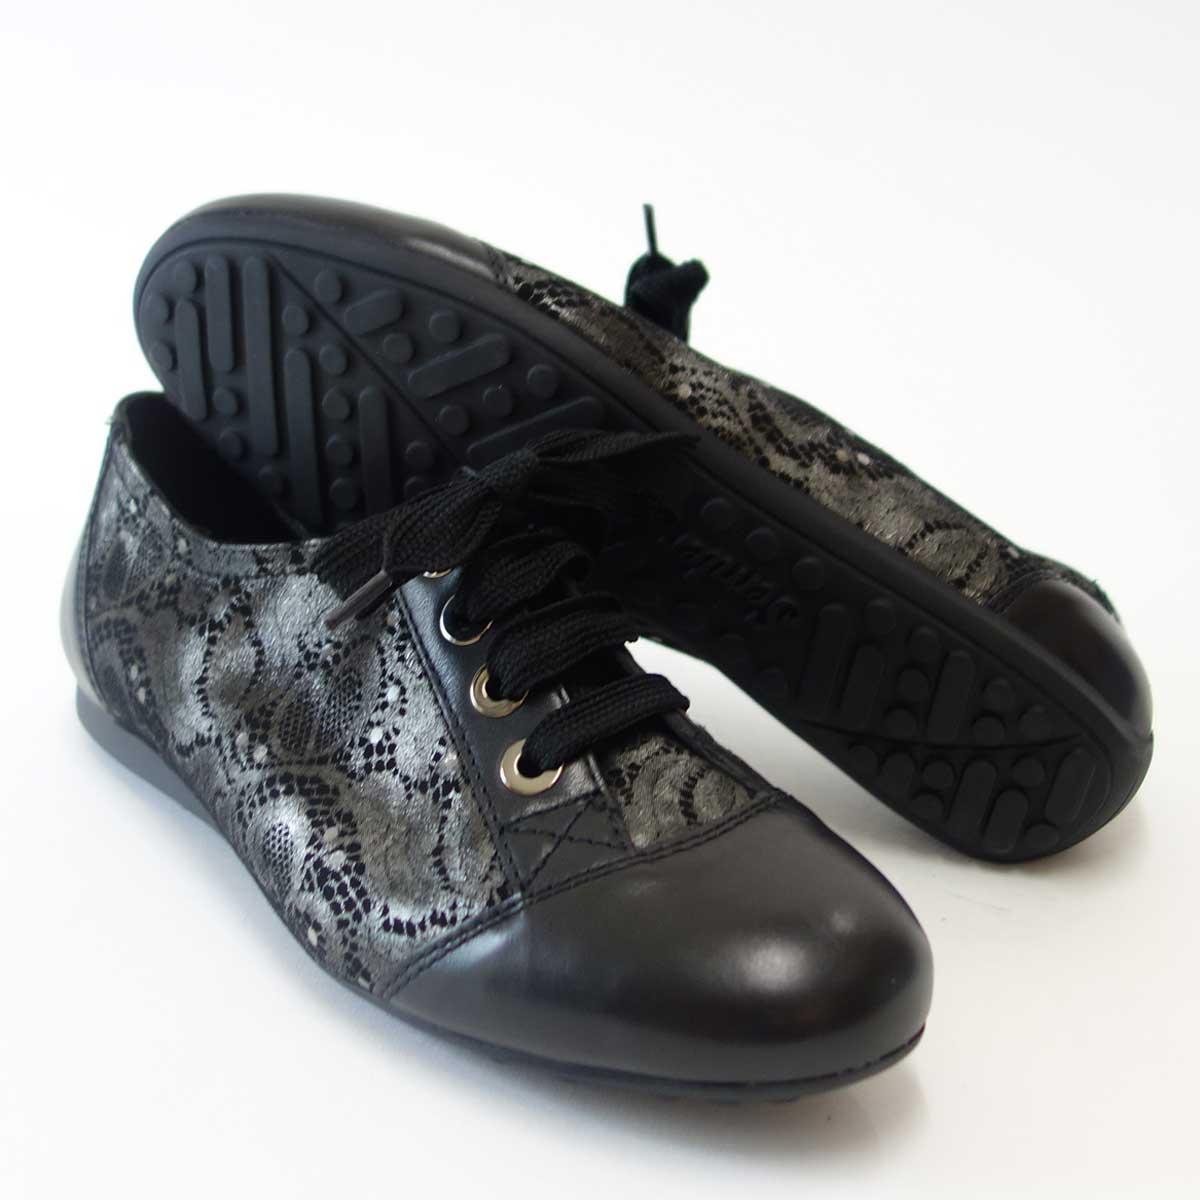 足をやさしく包み込む快適シューズSemler セムラー 6056 ブラックゆったり幅で指先楽ちんシューズ「靴」